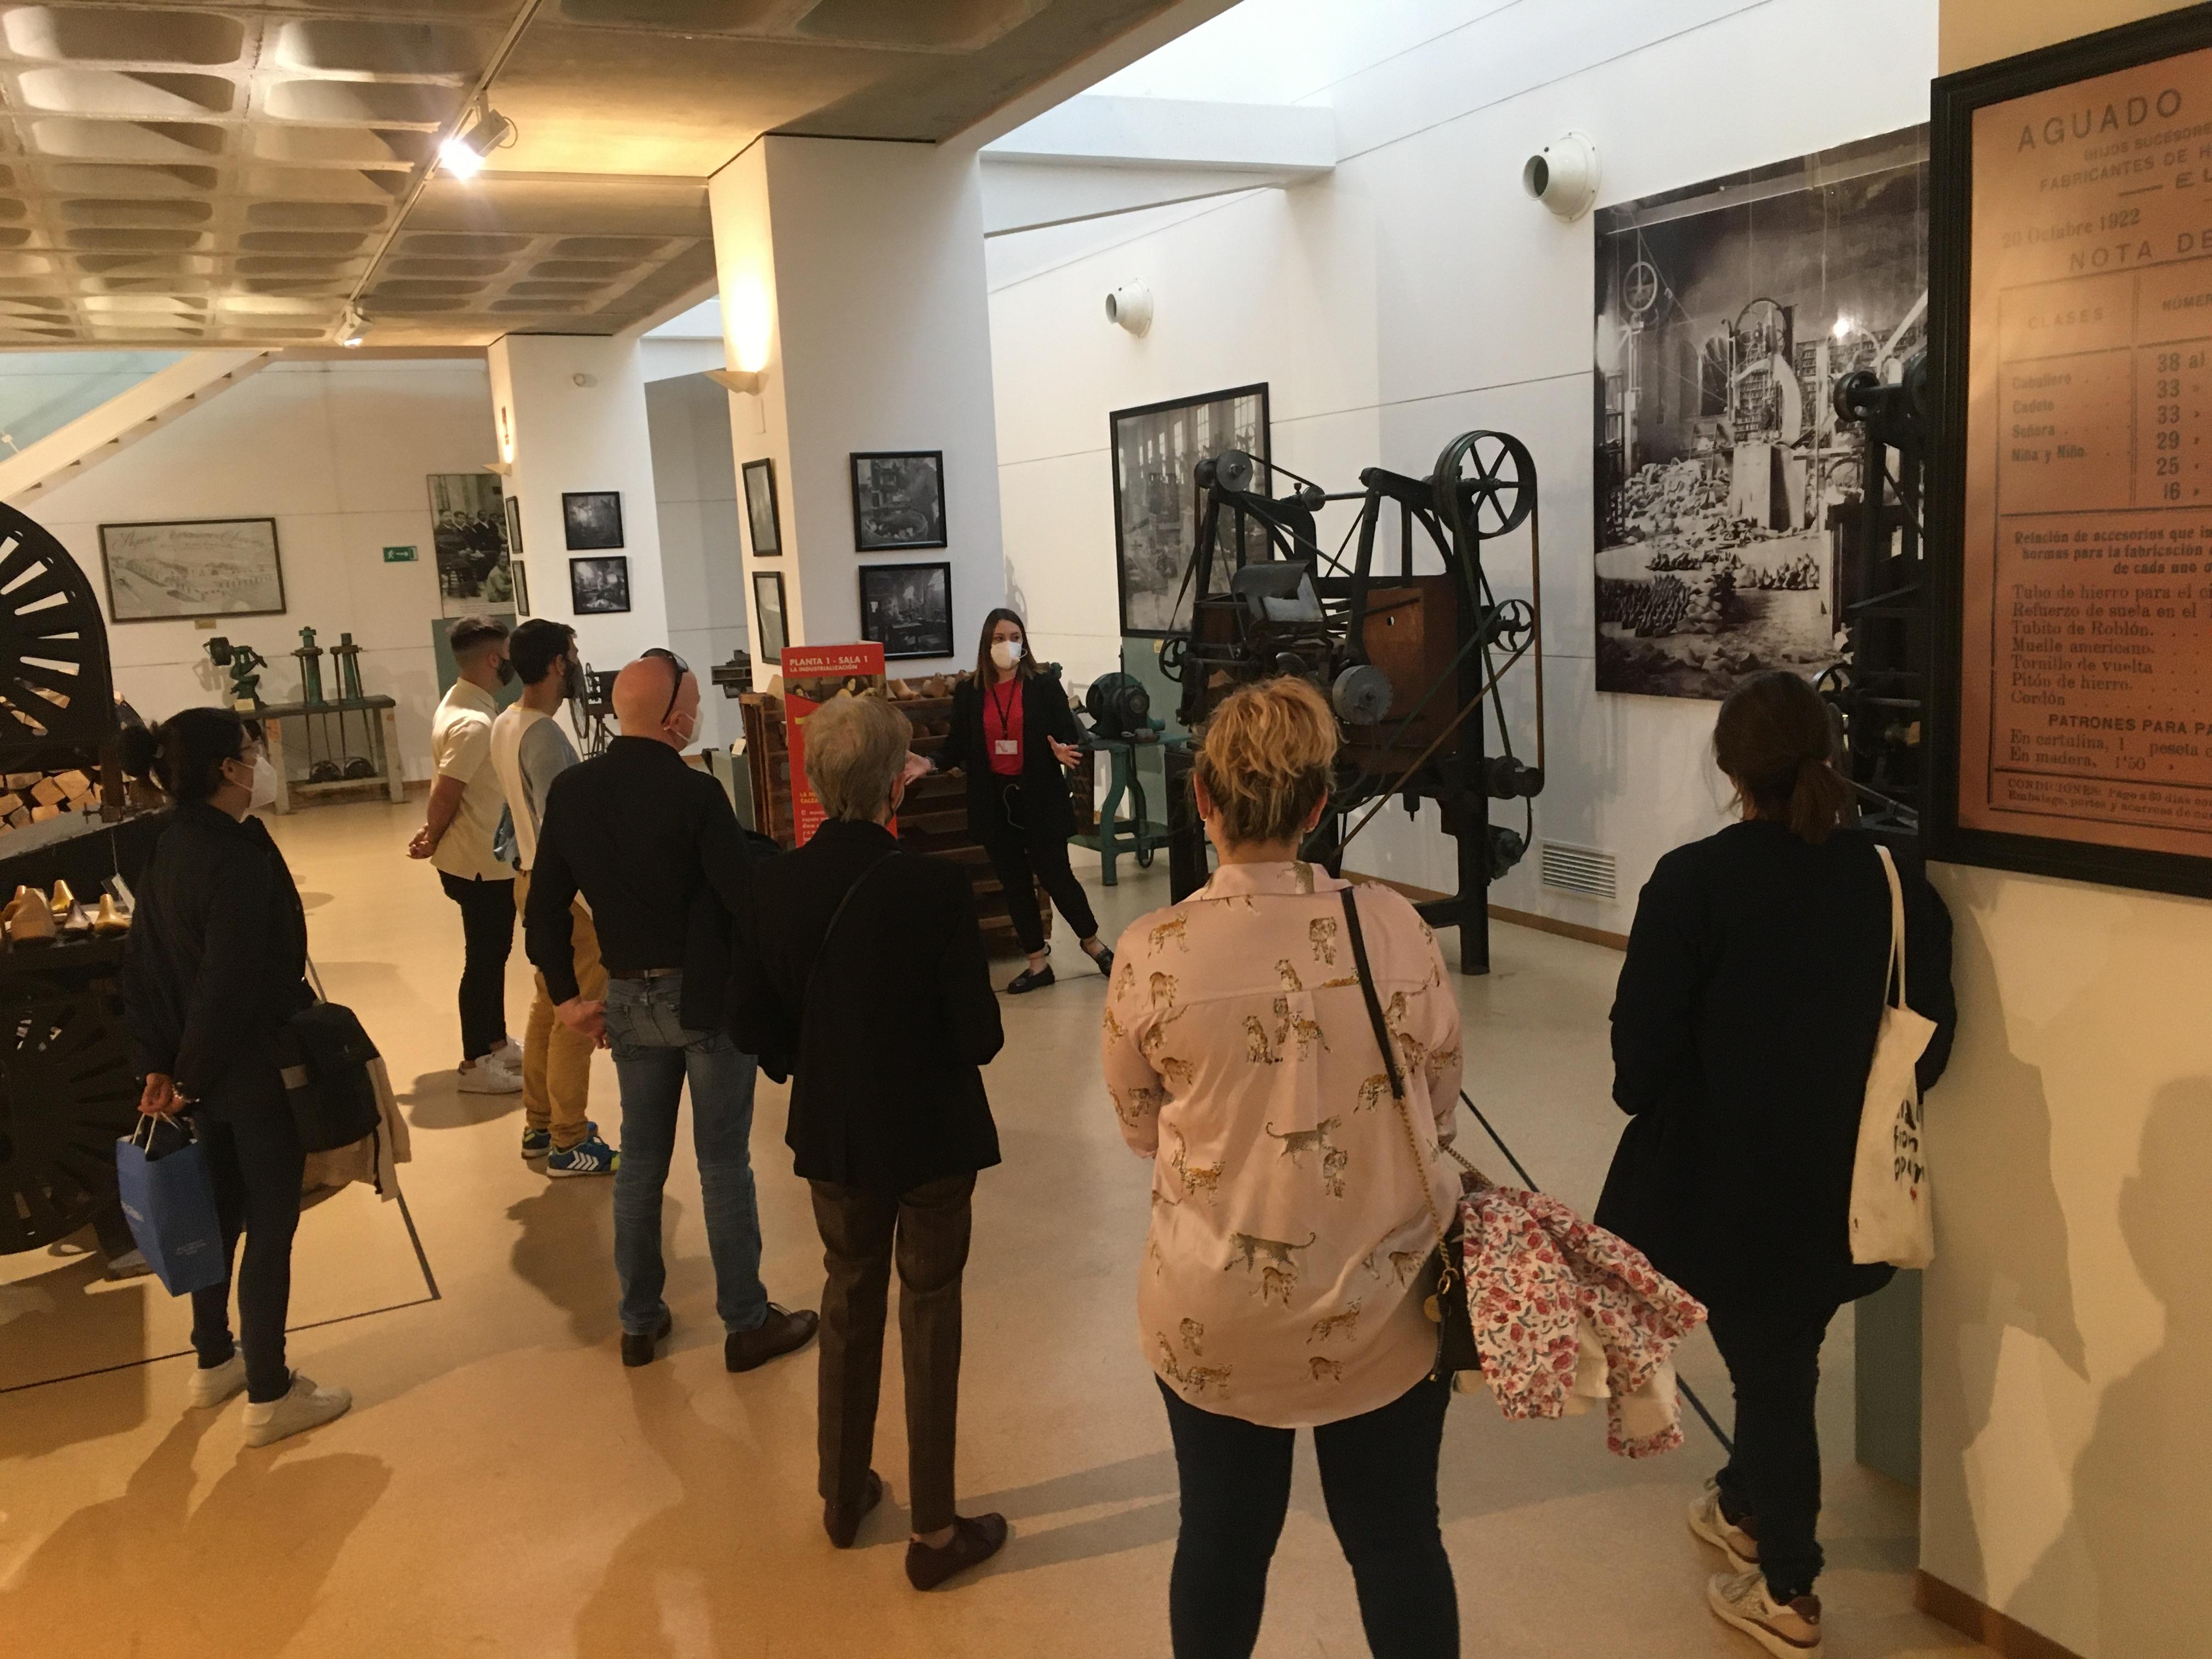 Más de 200 personas participaron en los actos organizados por el Ayuntamiento de Elda con motivo del Día Internacional de los Museos